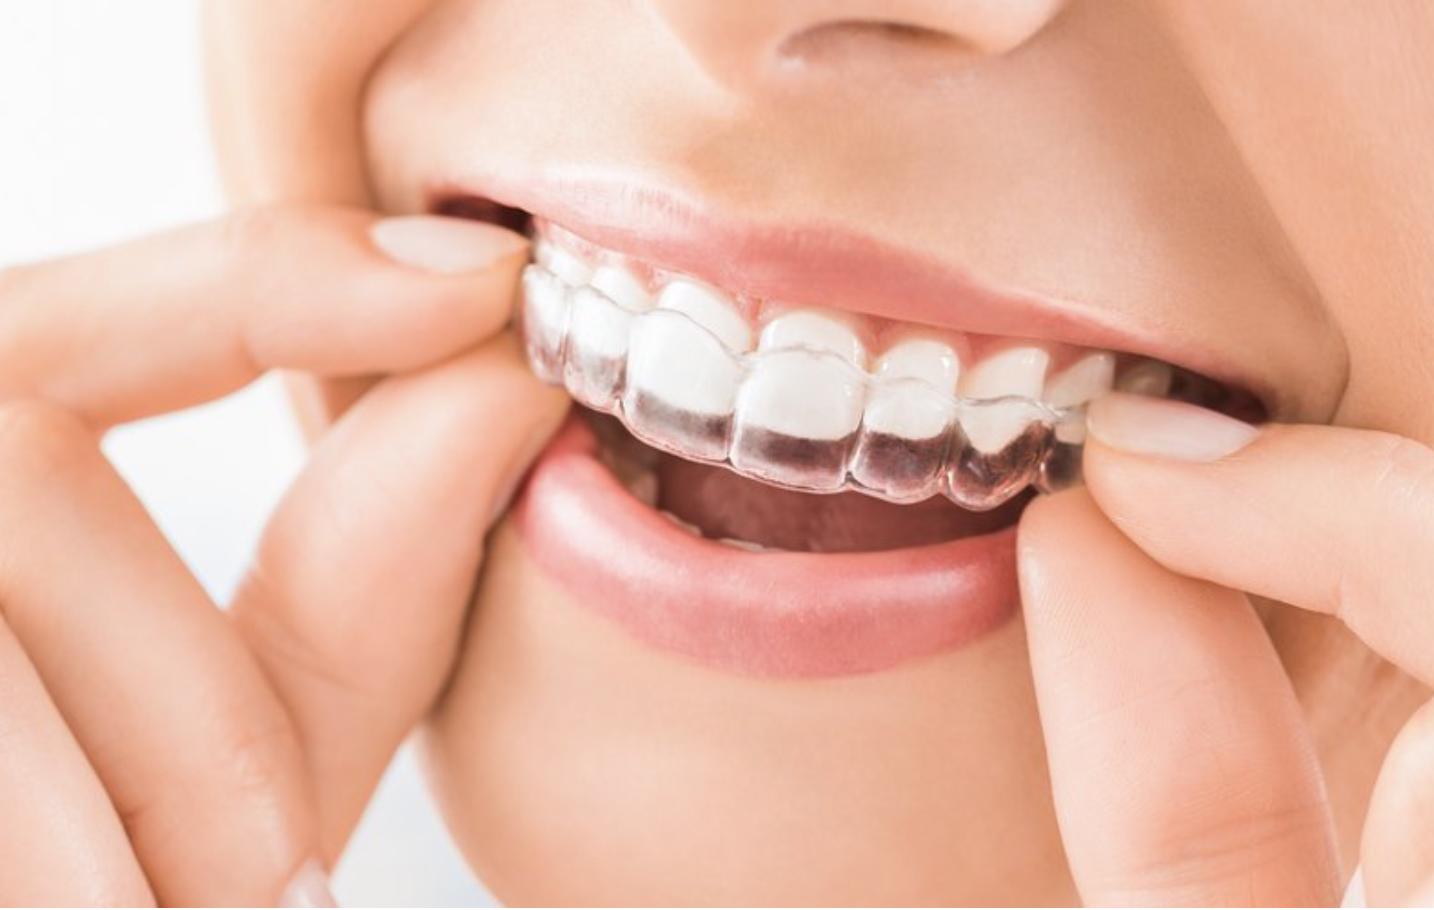 Tratamiento de ortodoncia en San Borja y Surco